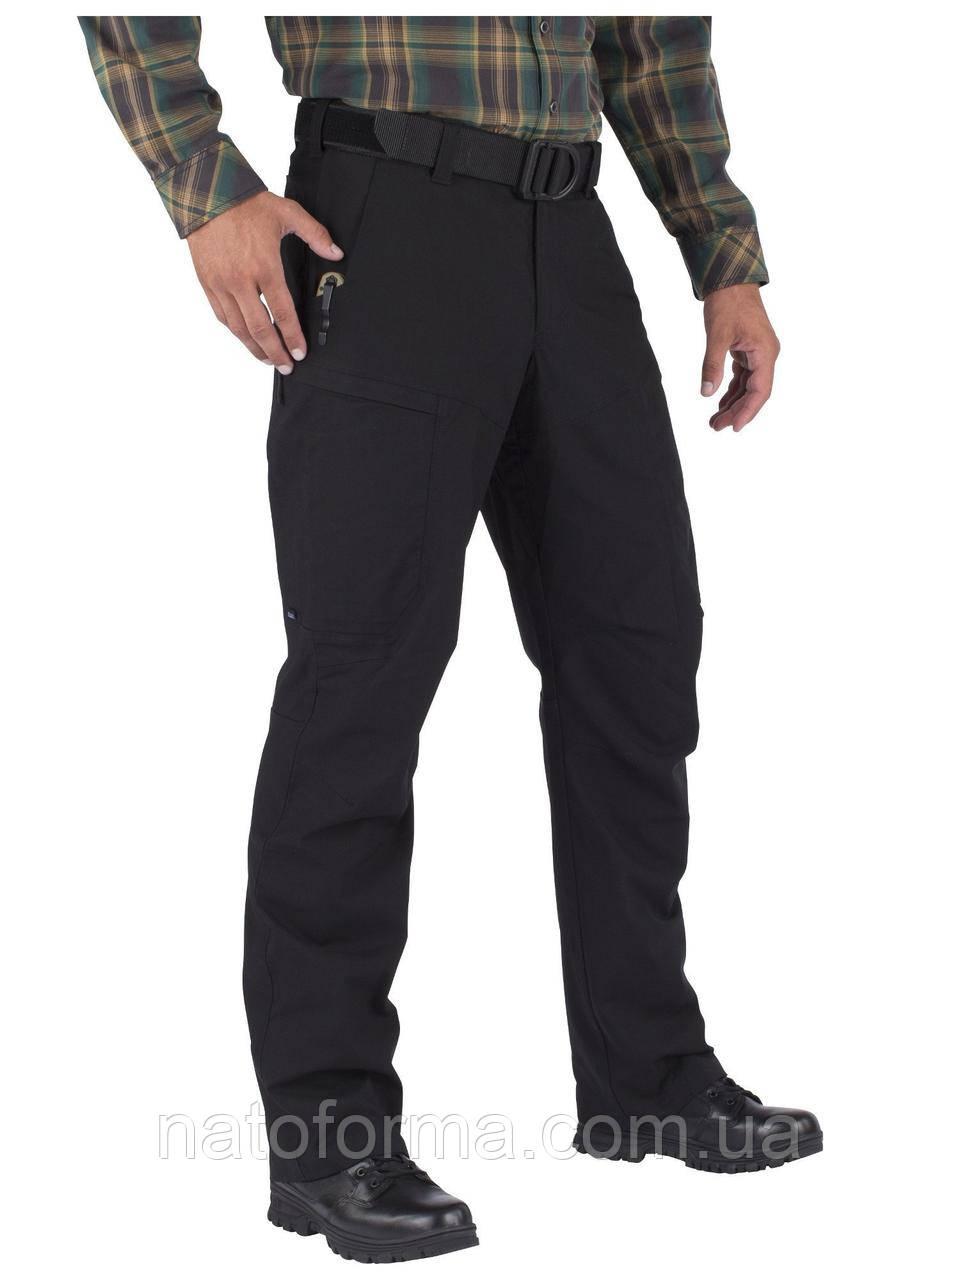 Тактические брюки 5.11 Apex Pants, Black